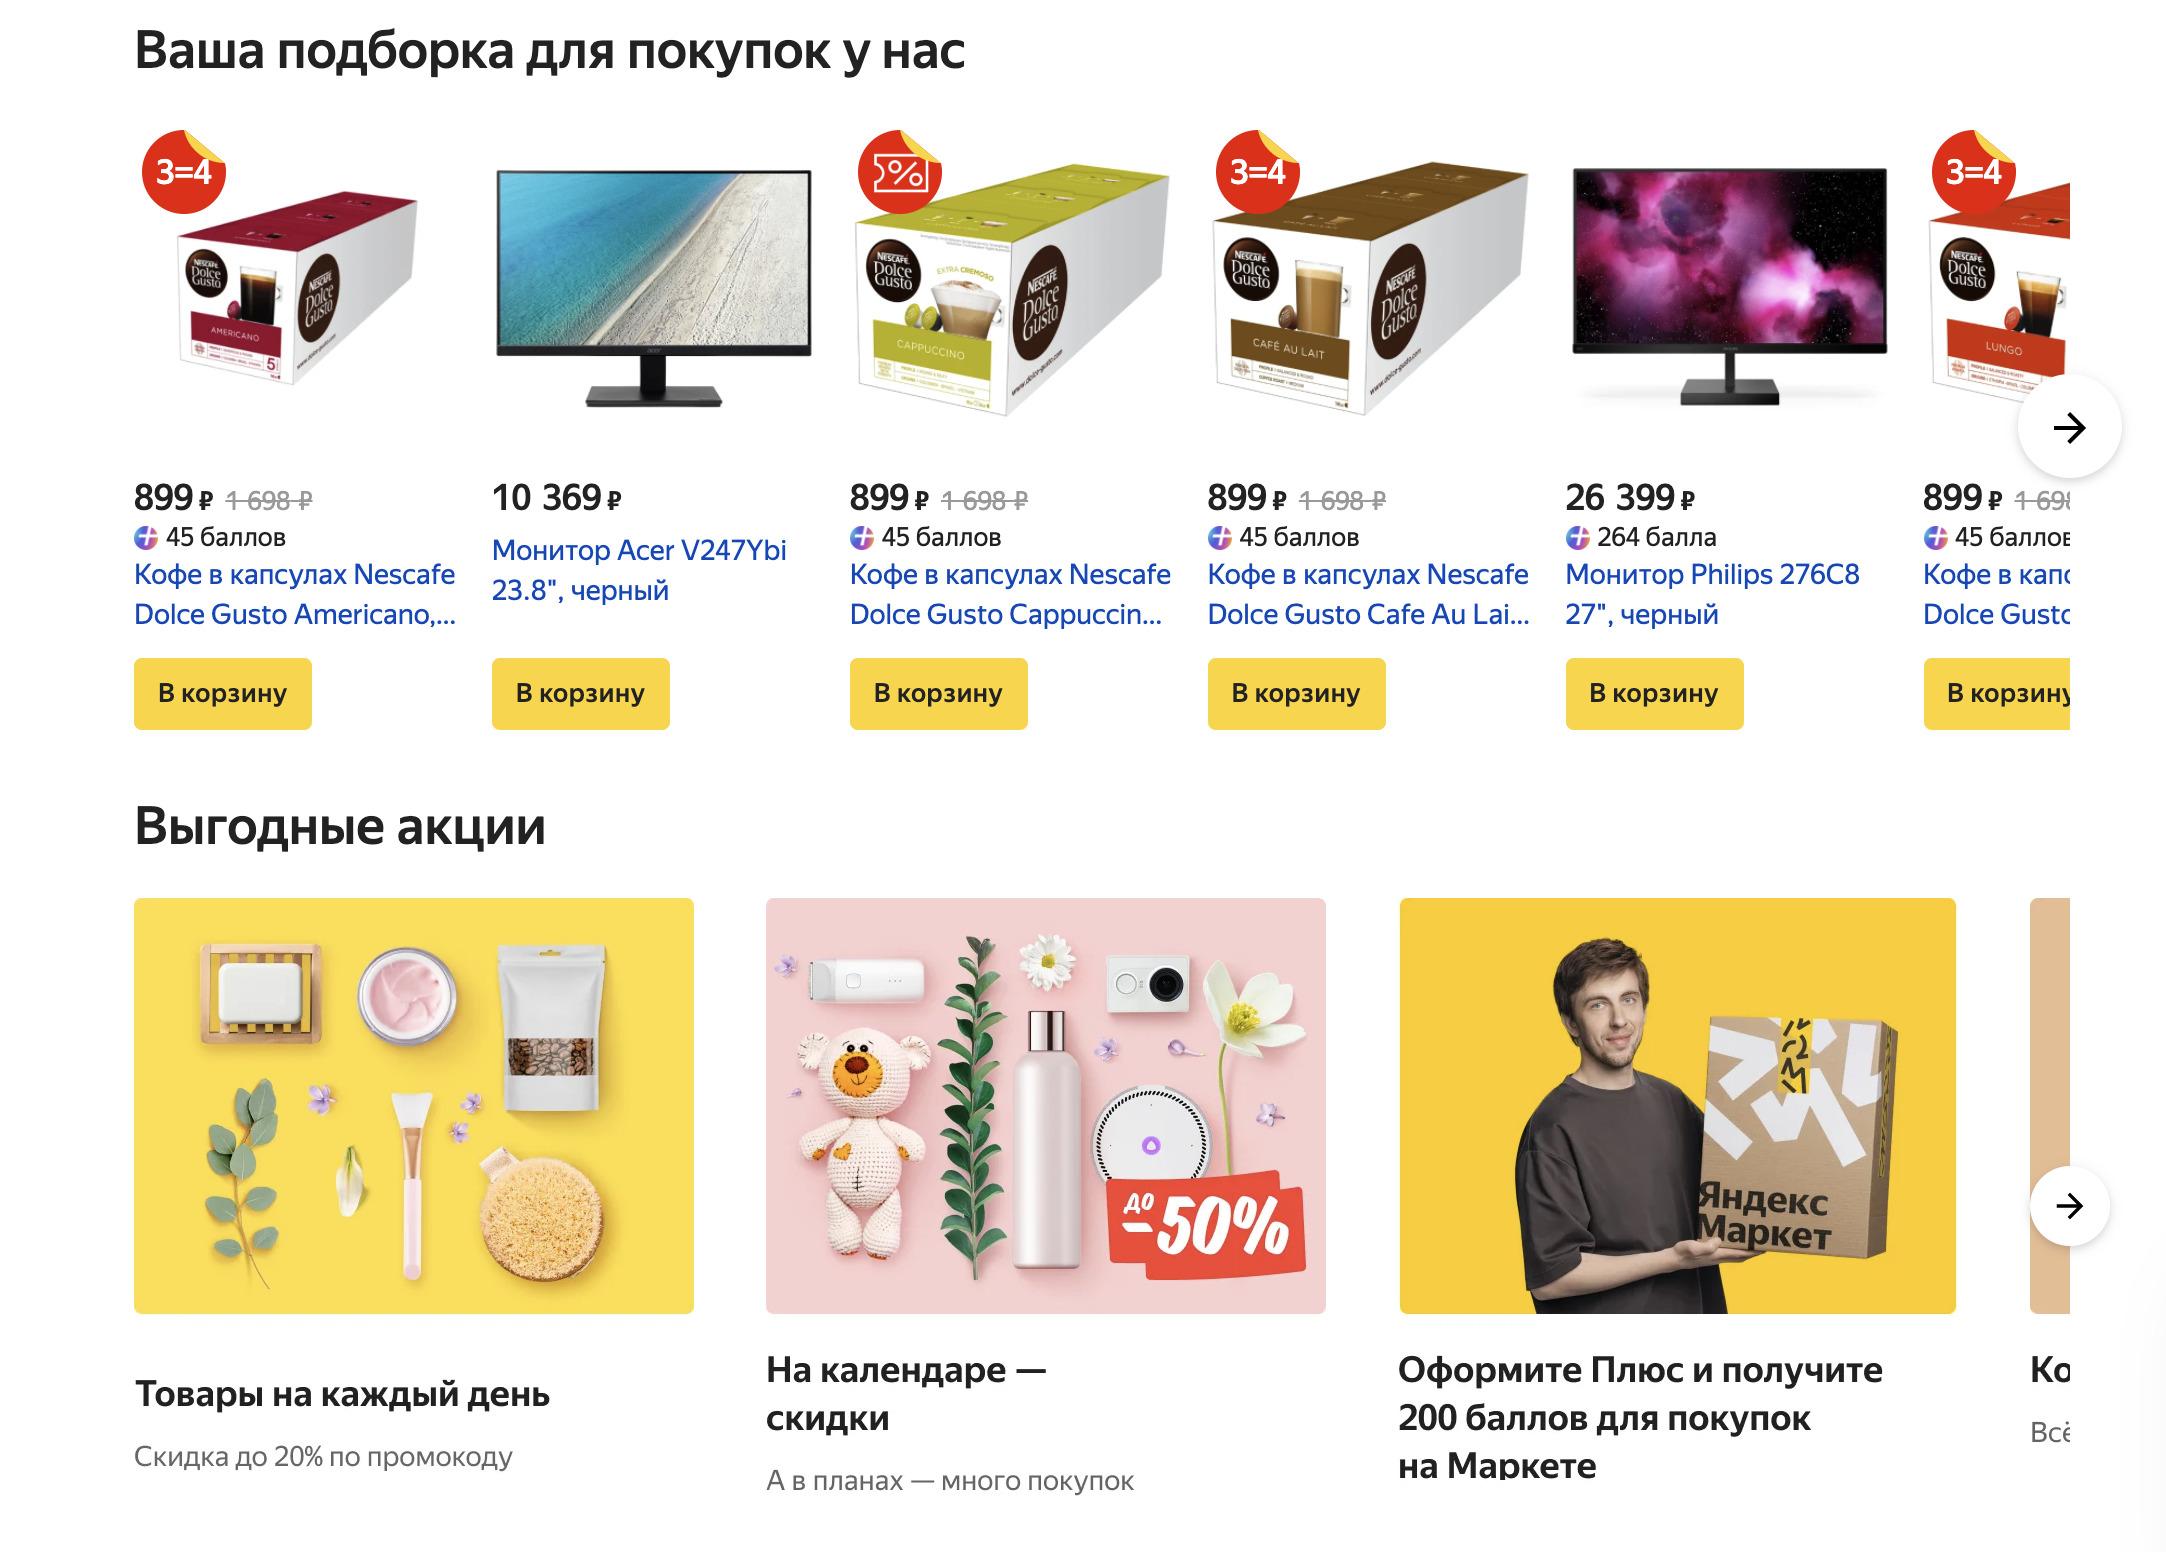 Доставка из Яндекс.Маркет в Псковскую область, сроки, пункты выдачи, каталог